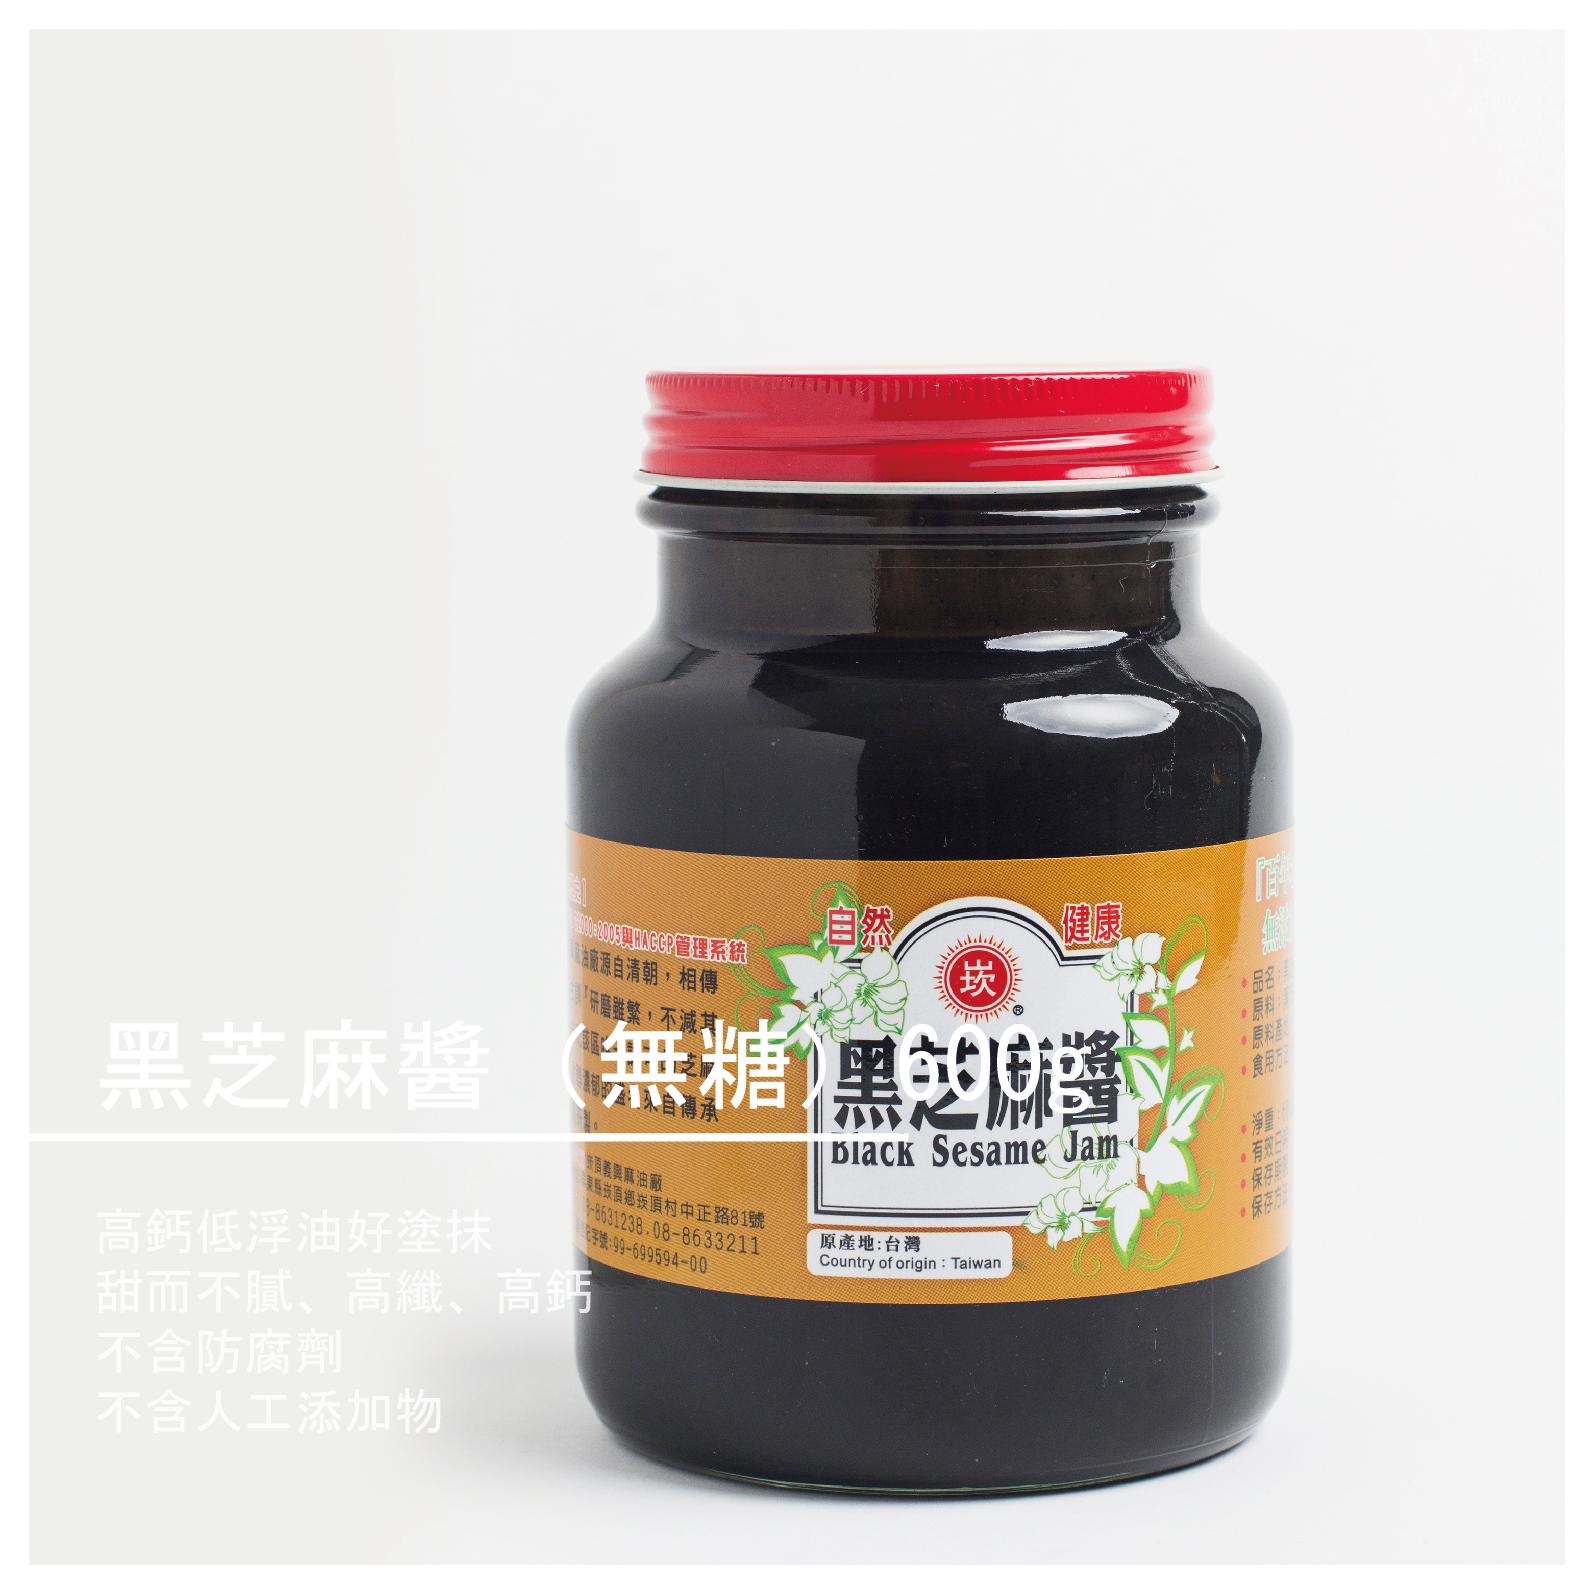 【崁頂義興麻油廠】黑芝麻醬(無糖)/600g